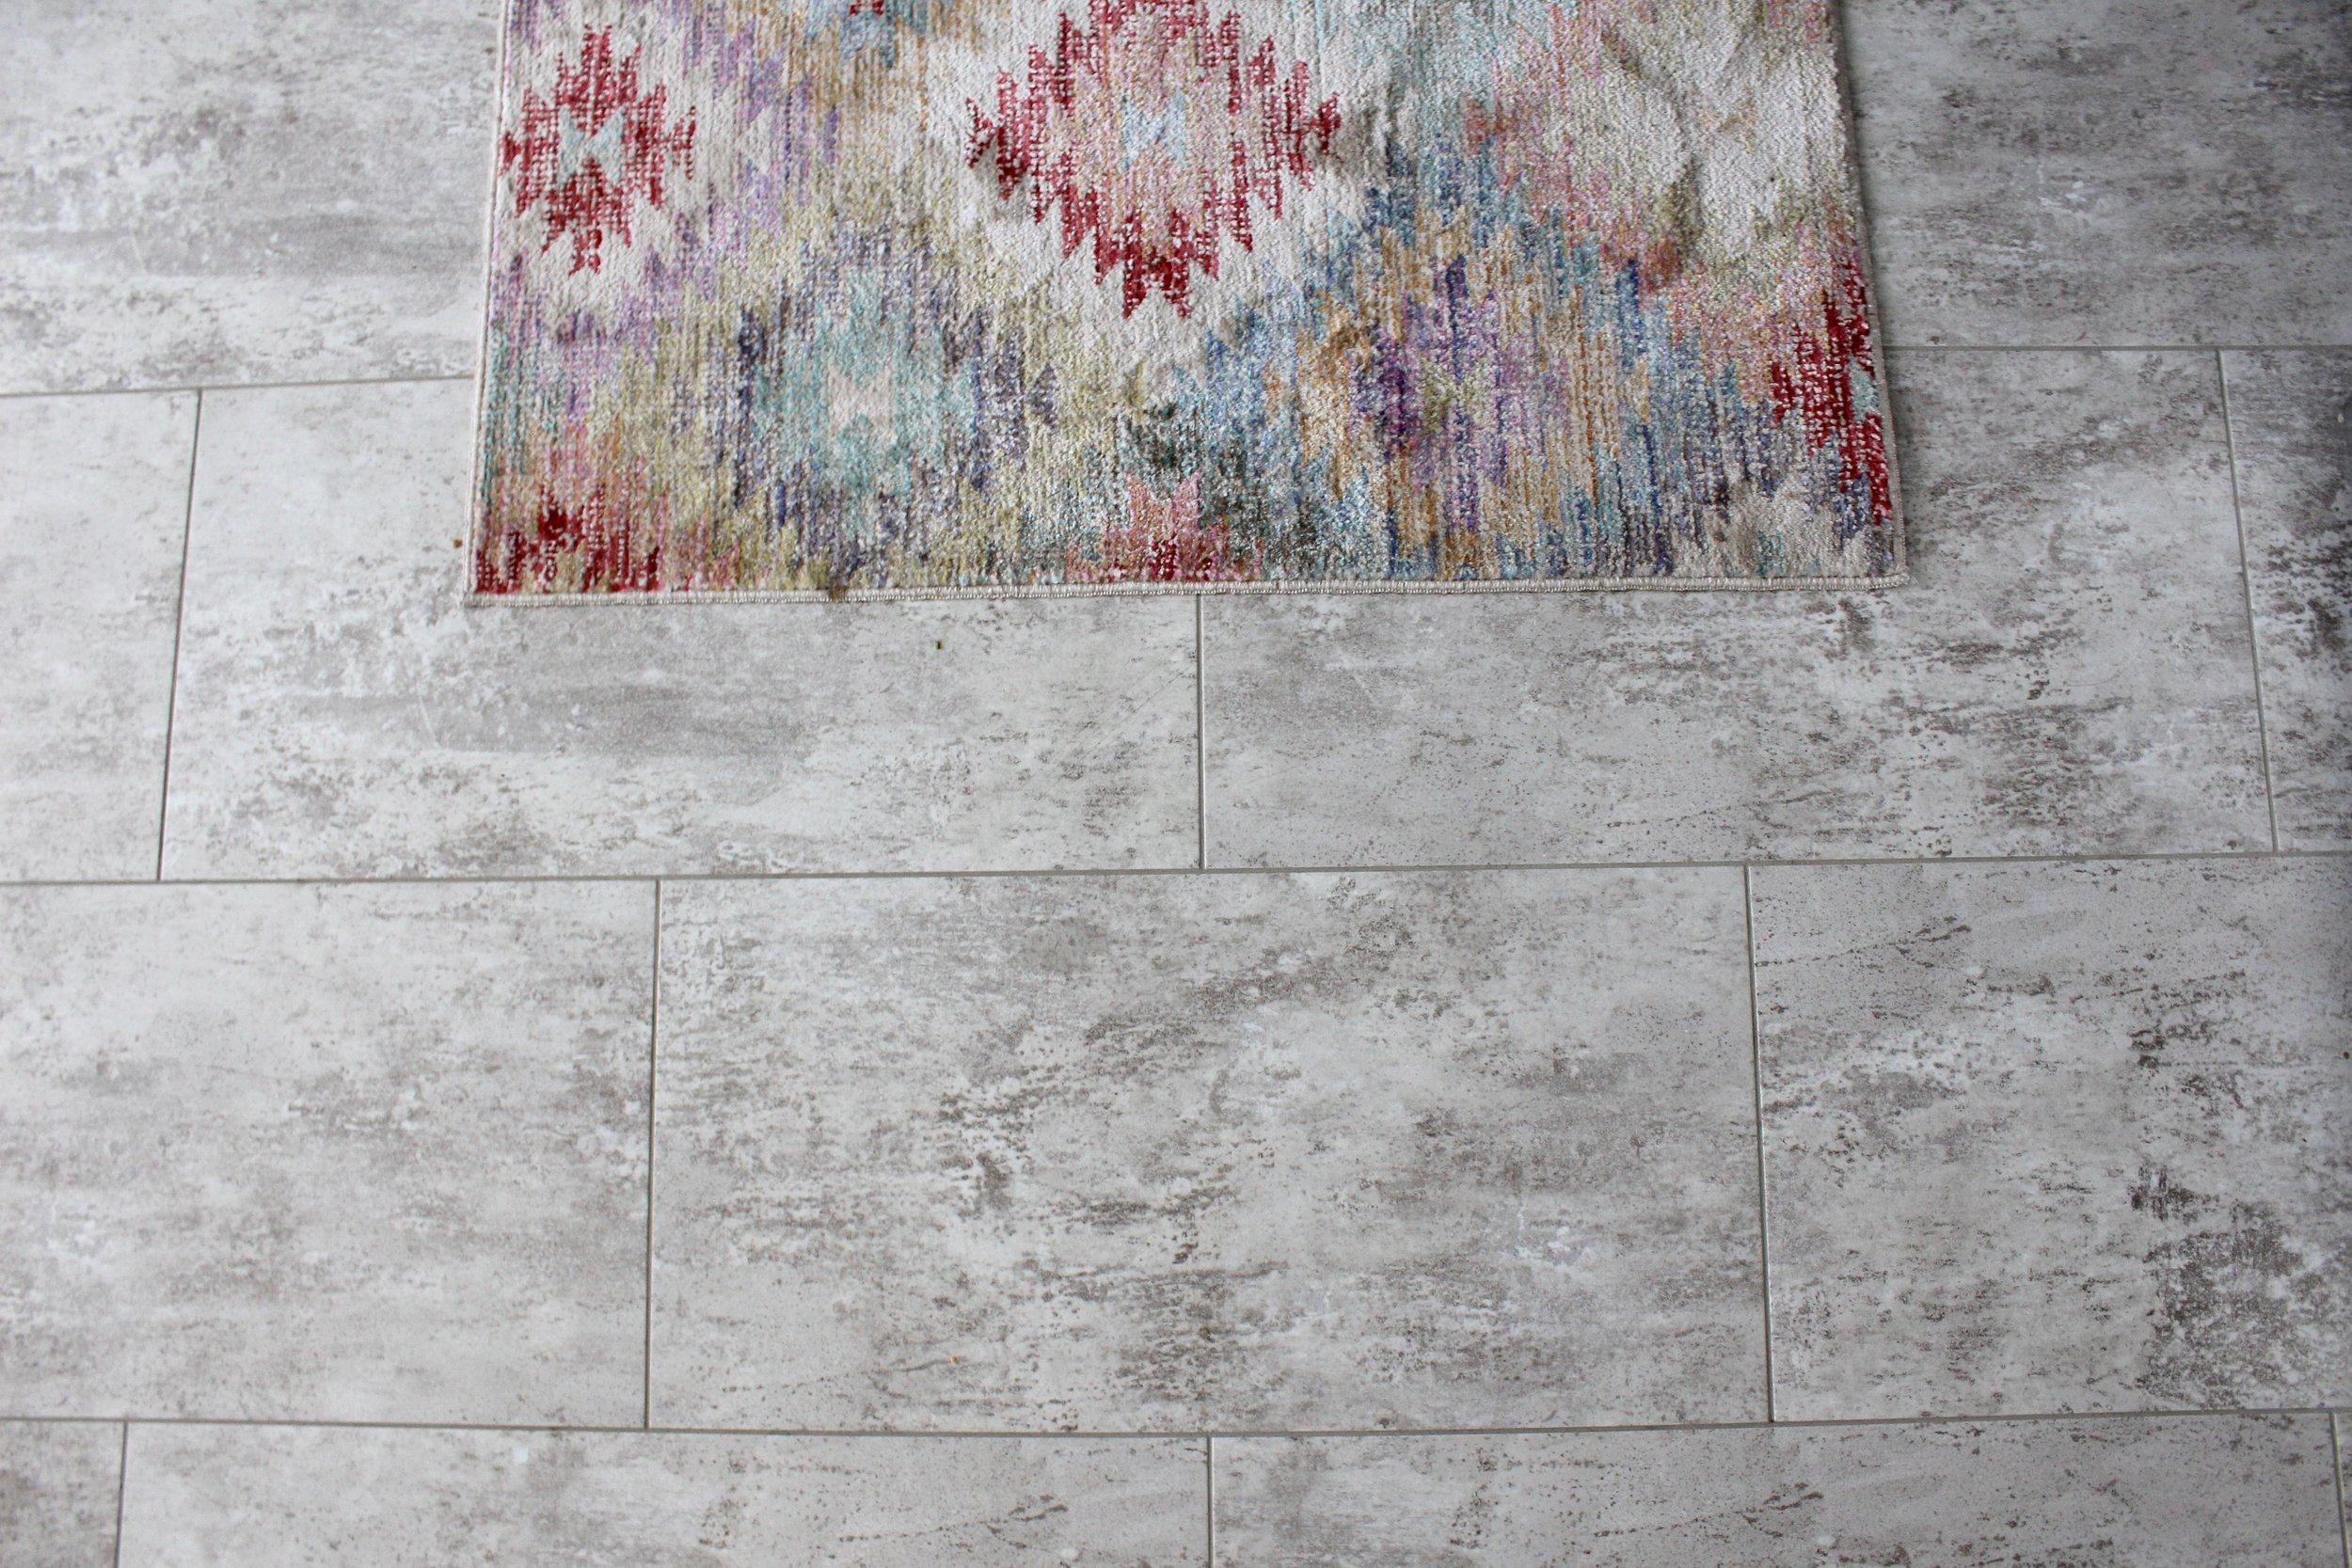 Vinyl tile-look grouted flooring